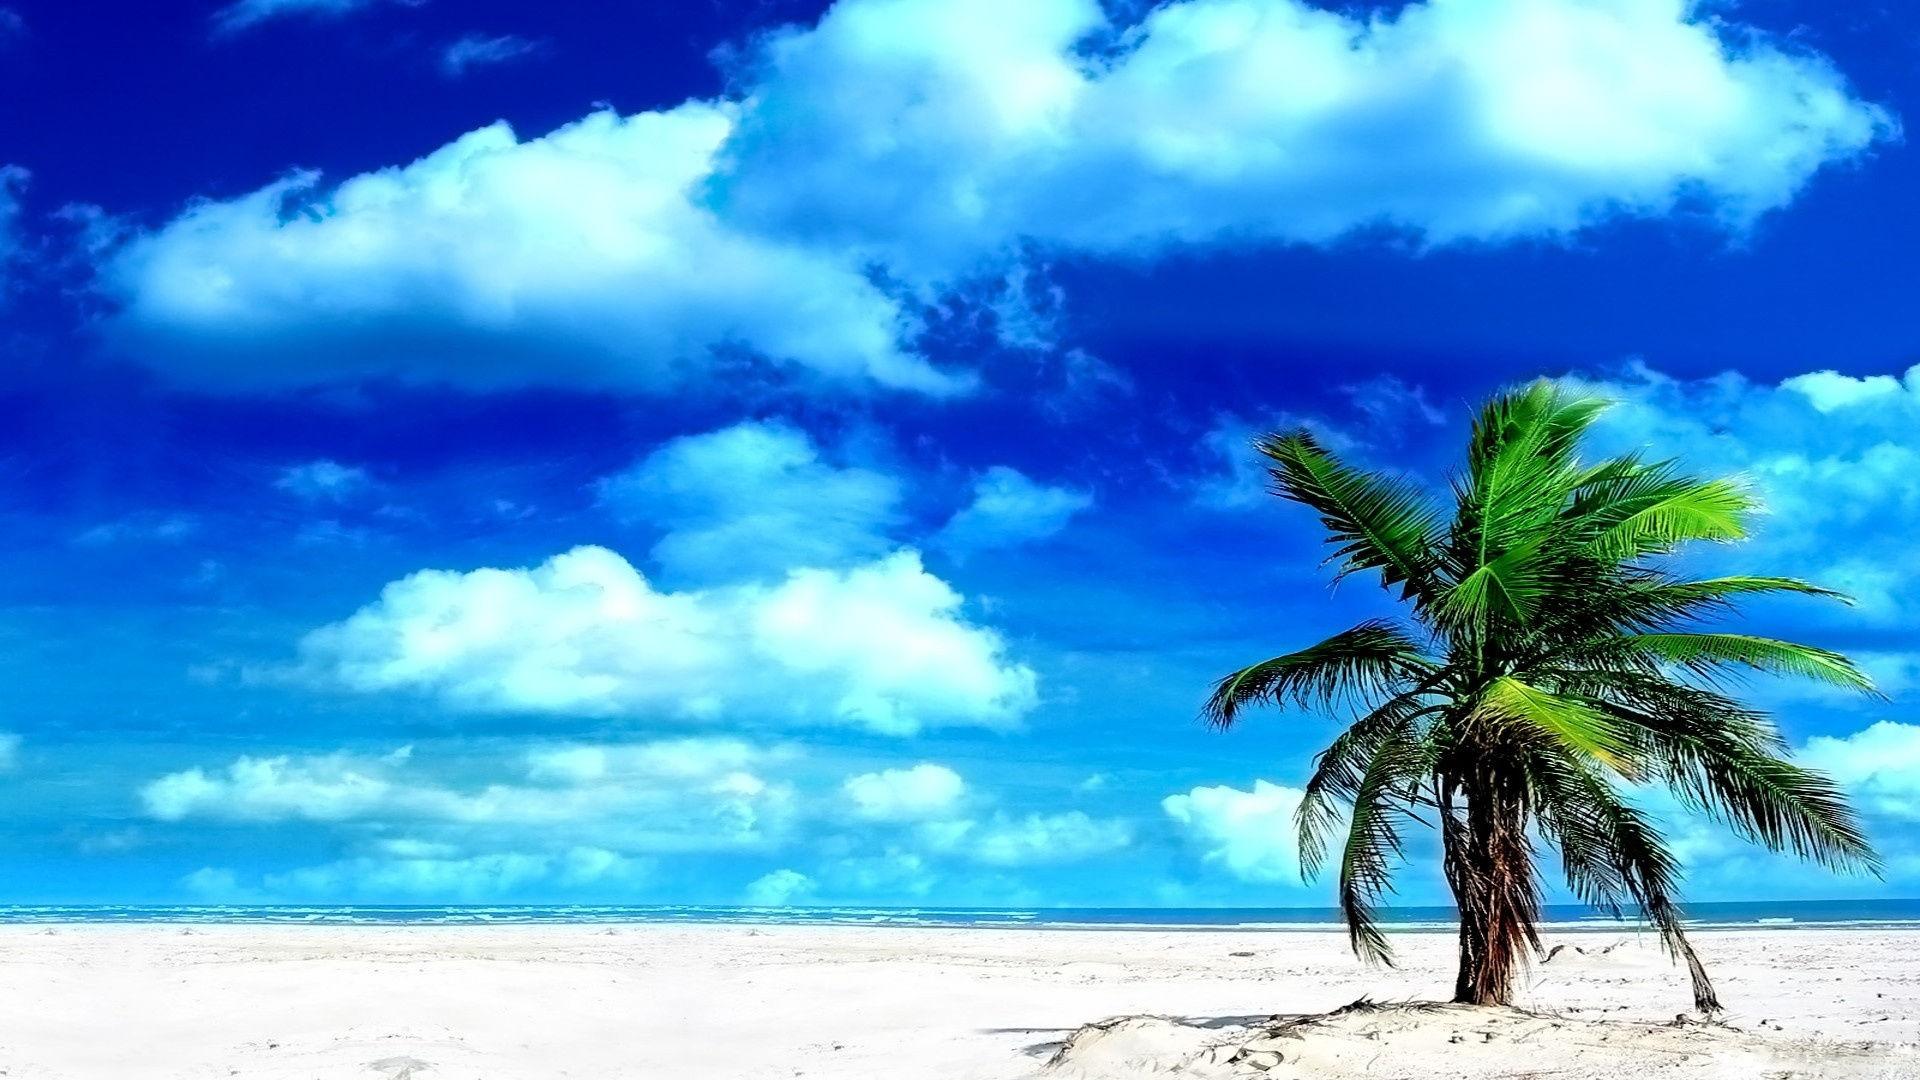 sands online casino google ocean kostenlos downloaden